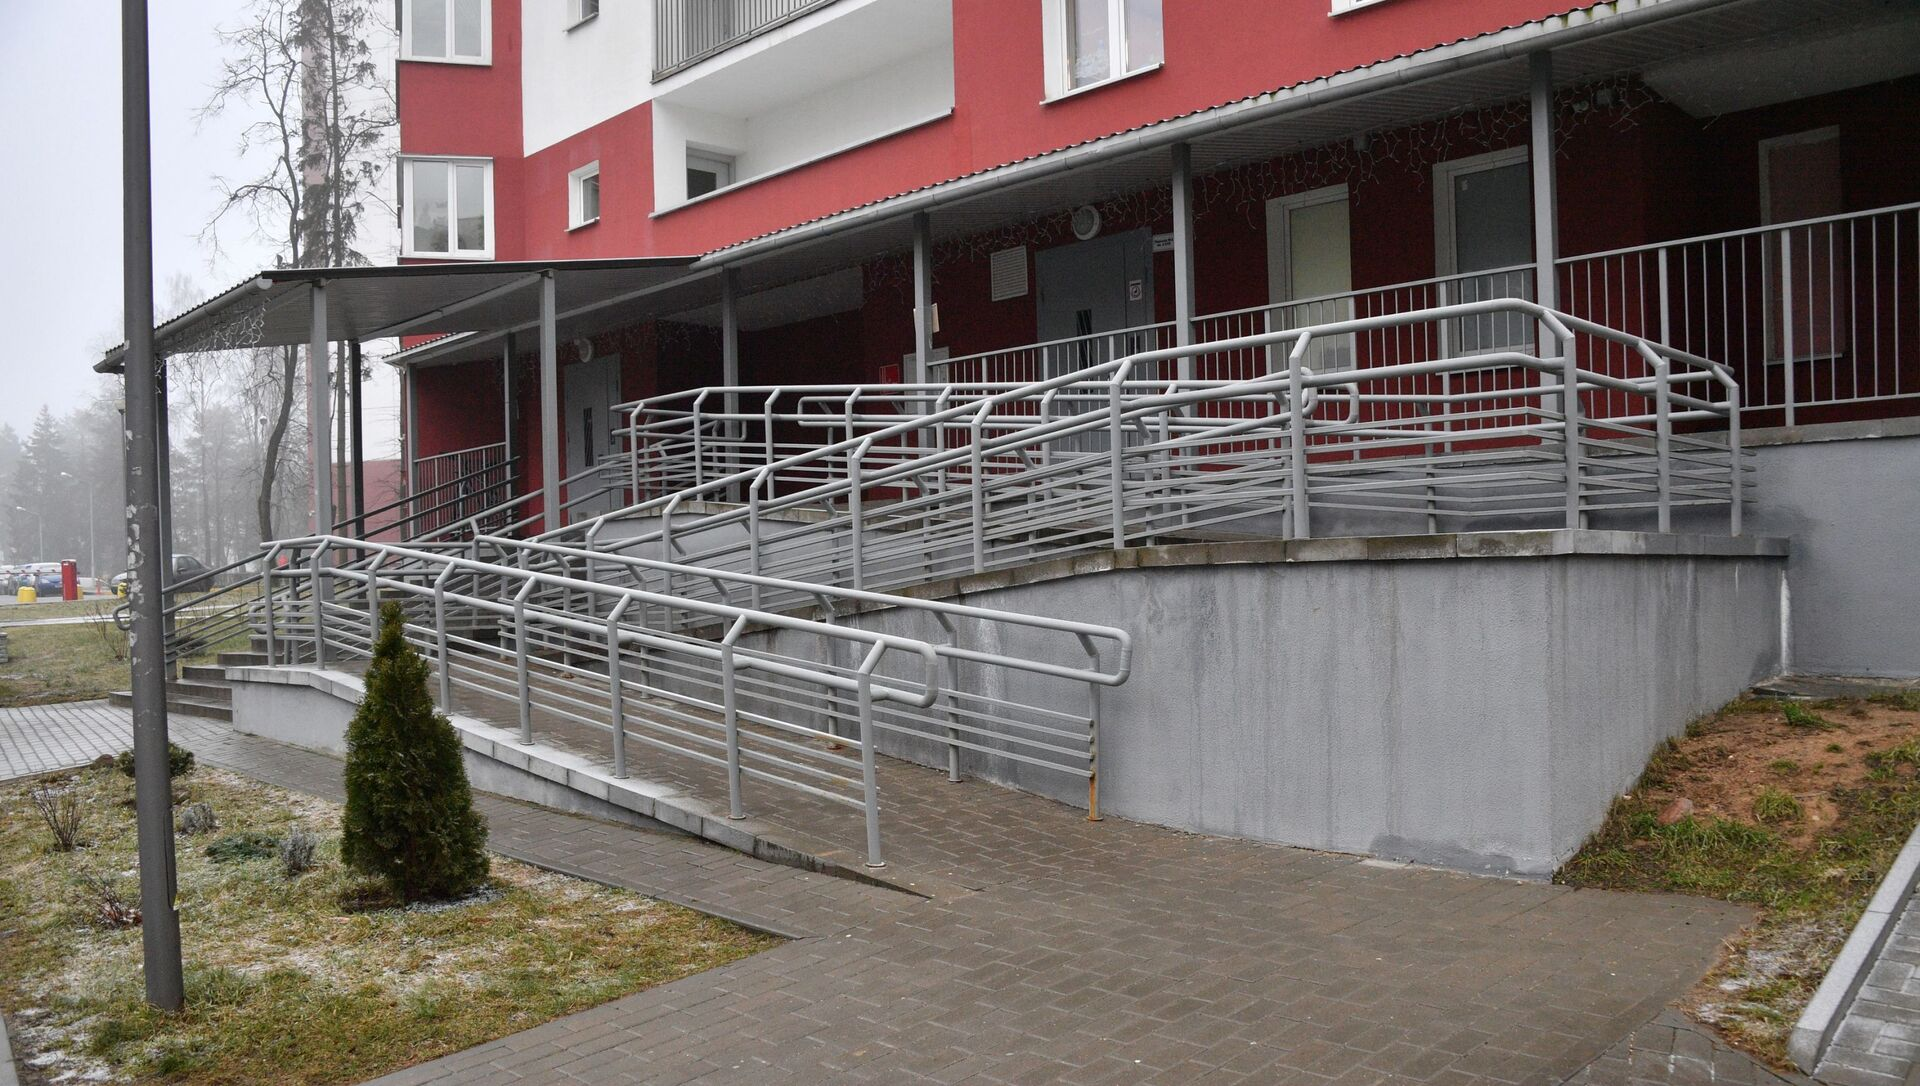 В соседней многоэтажке сразу пристроили самый обычный пандус с перилами - Sputnik Беларусь, 1920, 03.03.2021